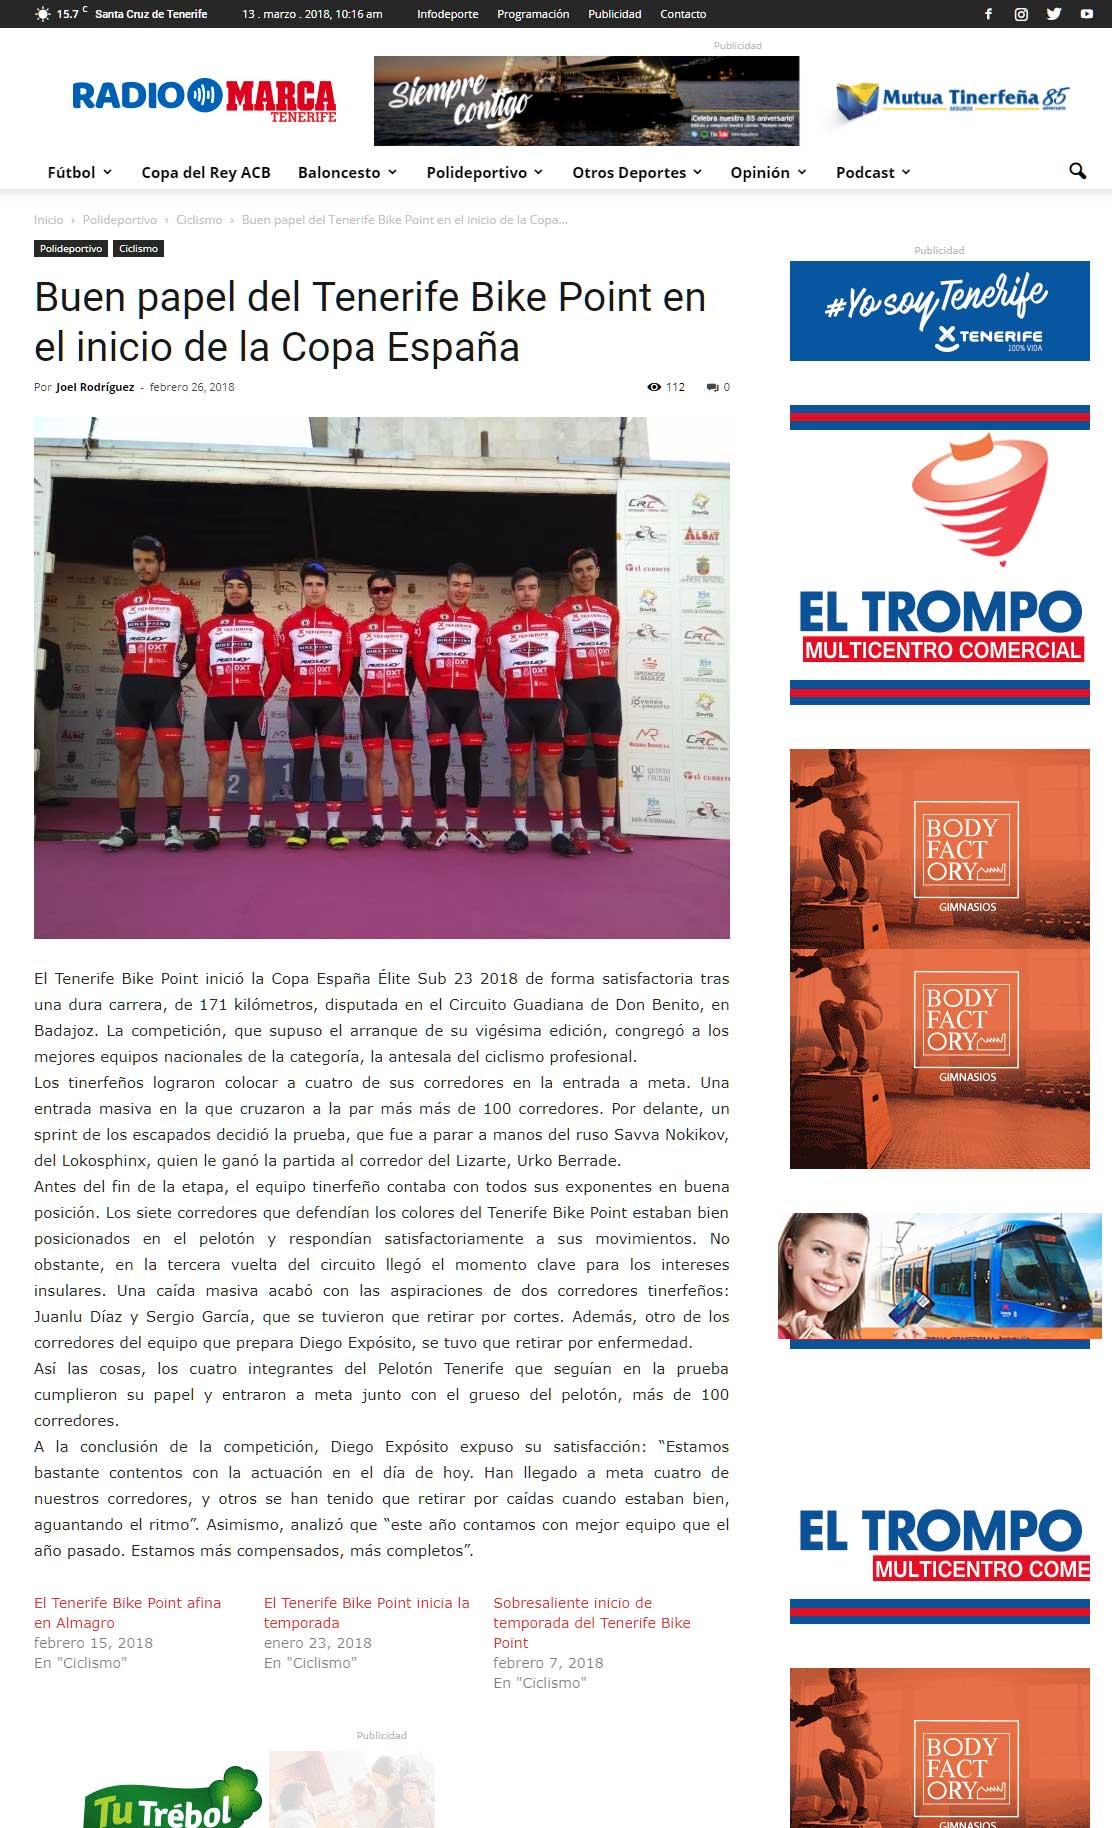 Buen Papel Del Tenerife Bike Point En El Inicio De La Copa España